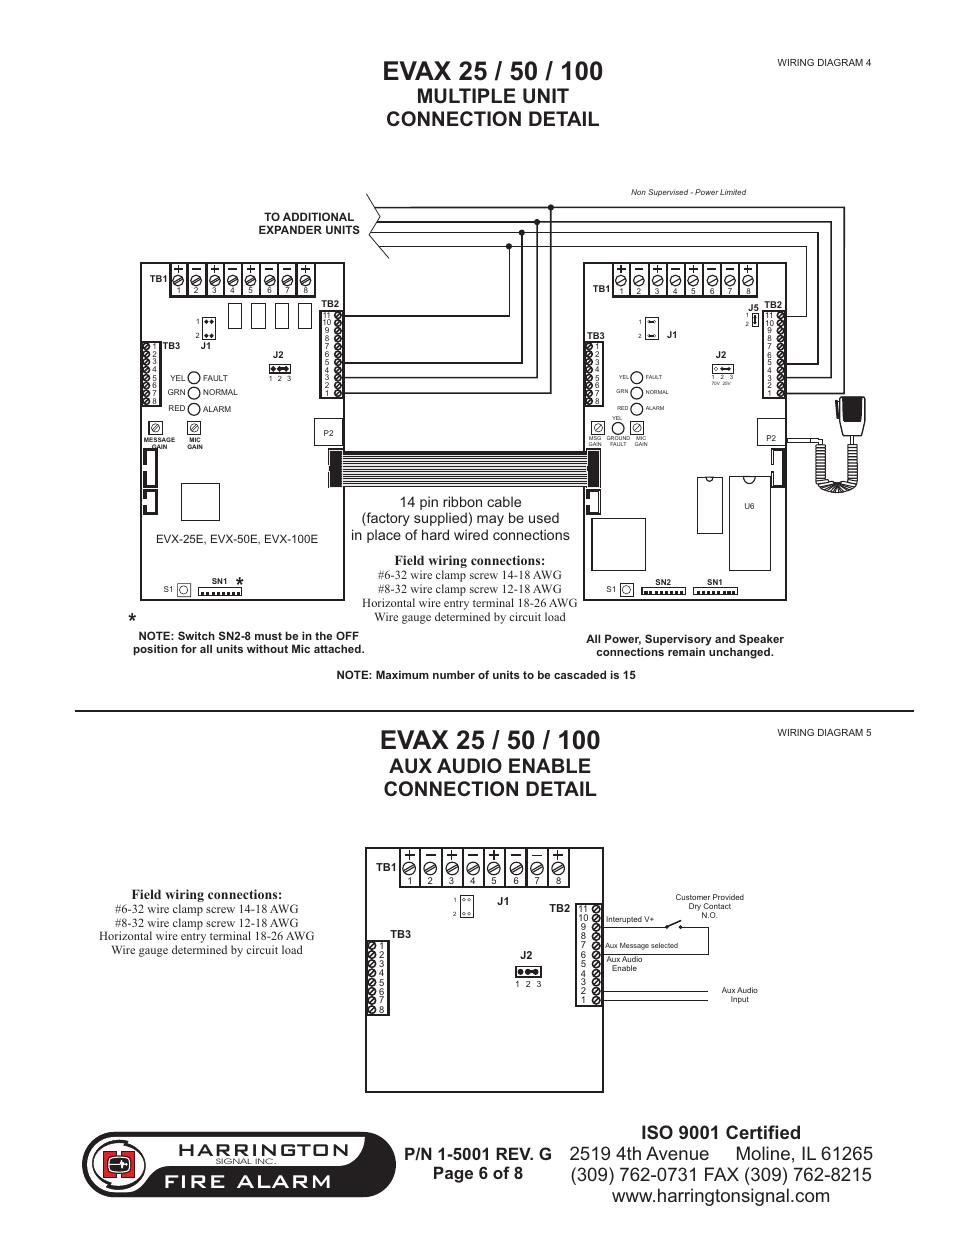 fire alarm harrington aux audio enable connection detail rh manualsdir com Aux Wire RCA to Aux